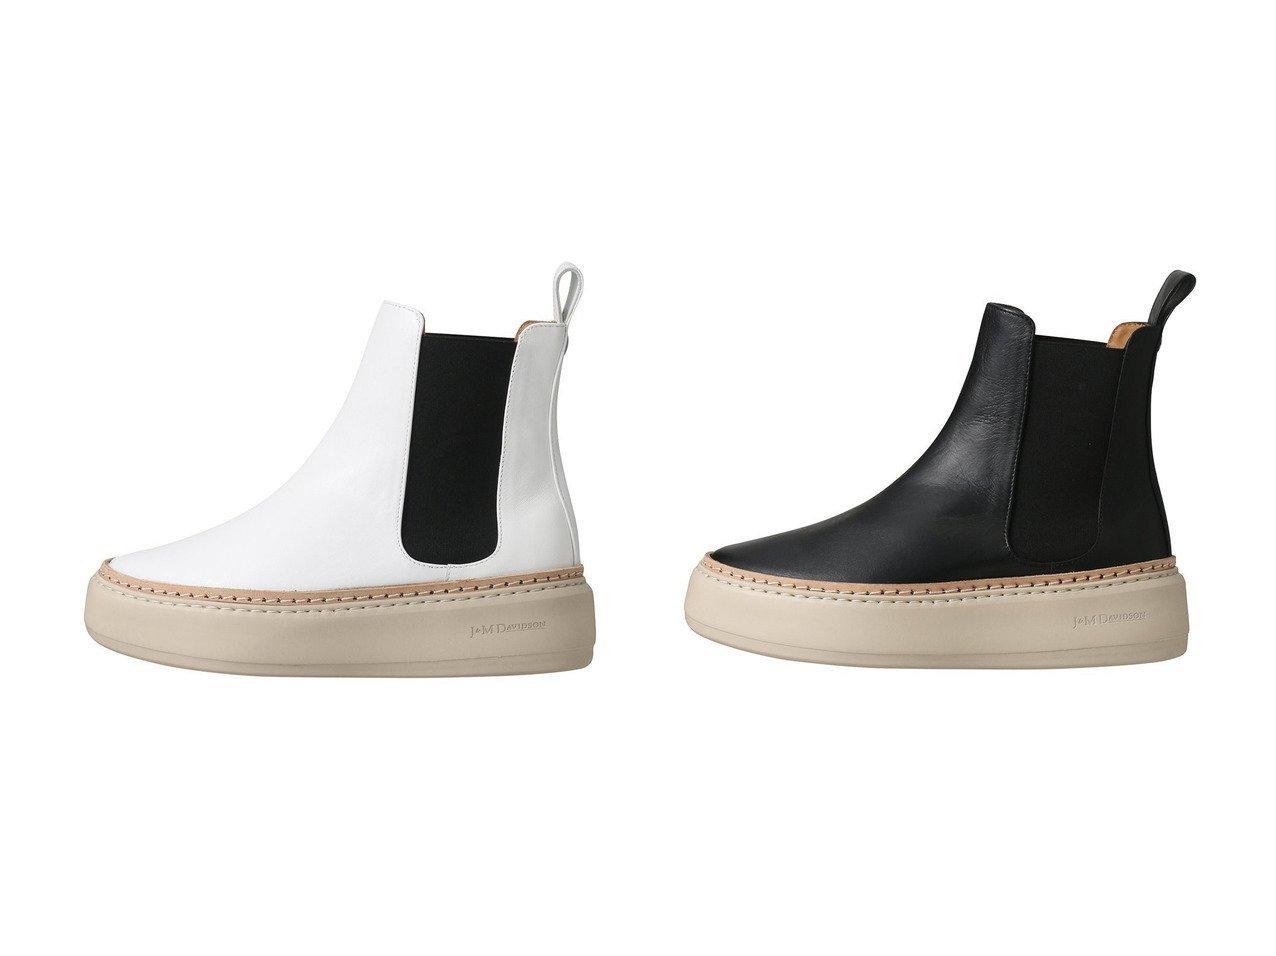 【J&M DAVIDSON/ジェイアンドエム デヴィッドソン】のCHELSEA SNEAKER 【シューズ・靴】おすすめ!人気、トレンド・レディースファッションの通販 おすすめで人気の流行・トレンド、ファッションの通販商品 インテリア・家具・メンズファッション・キッズファッション・レディースファッション・服の通販 founy(ファニー) https://founy.com/ ファッション Fashion レディースファッション WOMEN なめらか スニーカー |ID:crp329100000069186